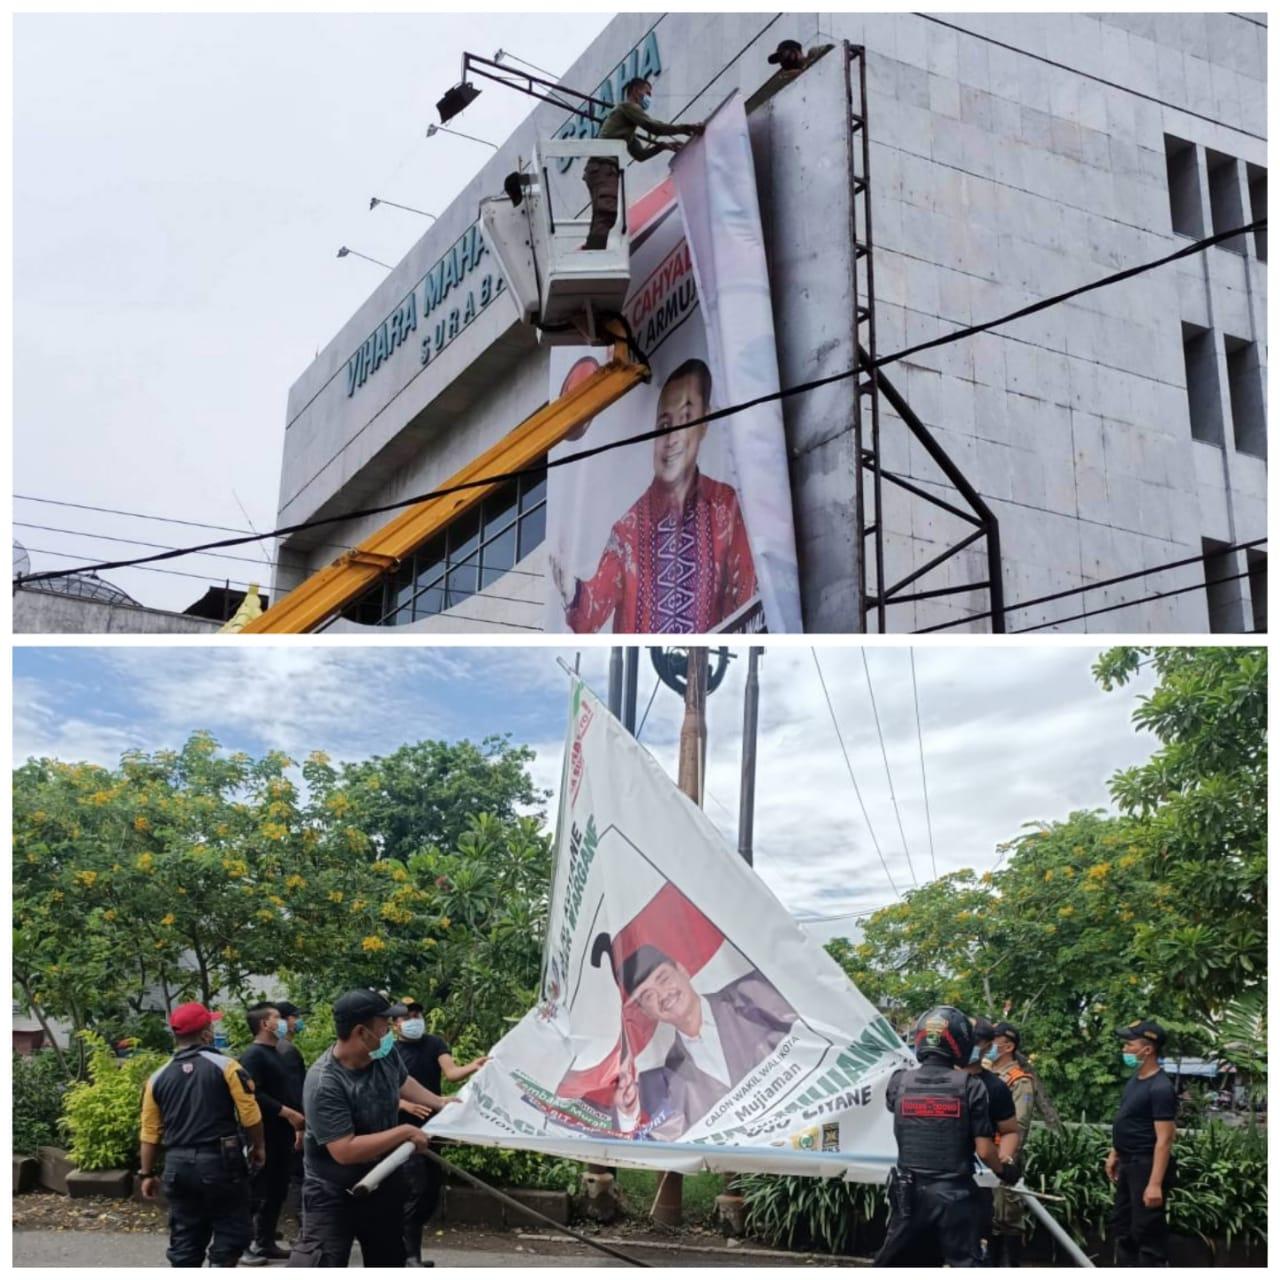 Satpol PP kota Surabaya bersihkan Puluhan ribu APK, Menjelang hari tenang Pilkada Surabaya